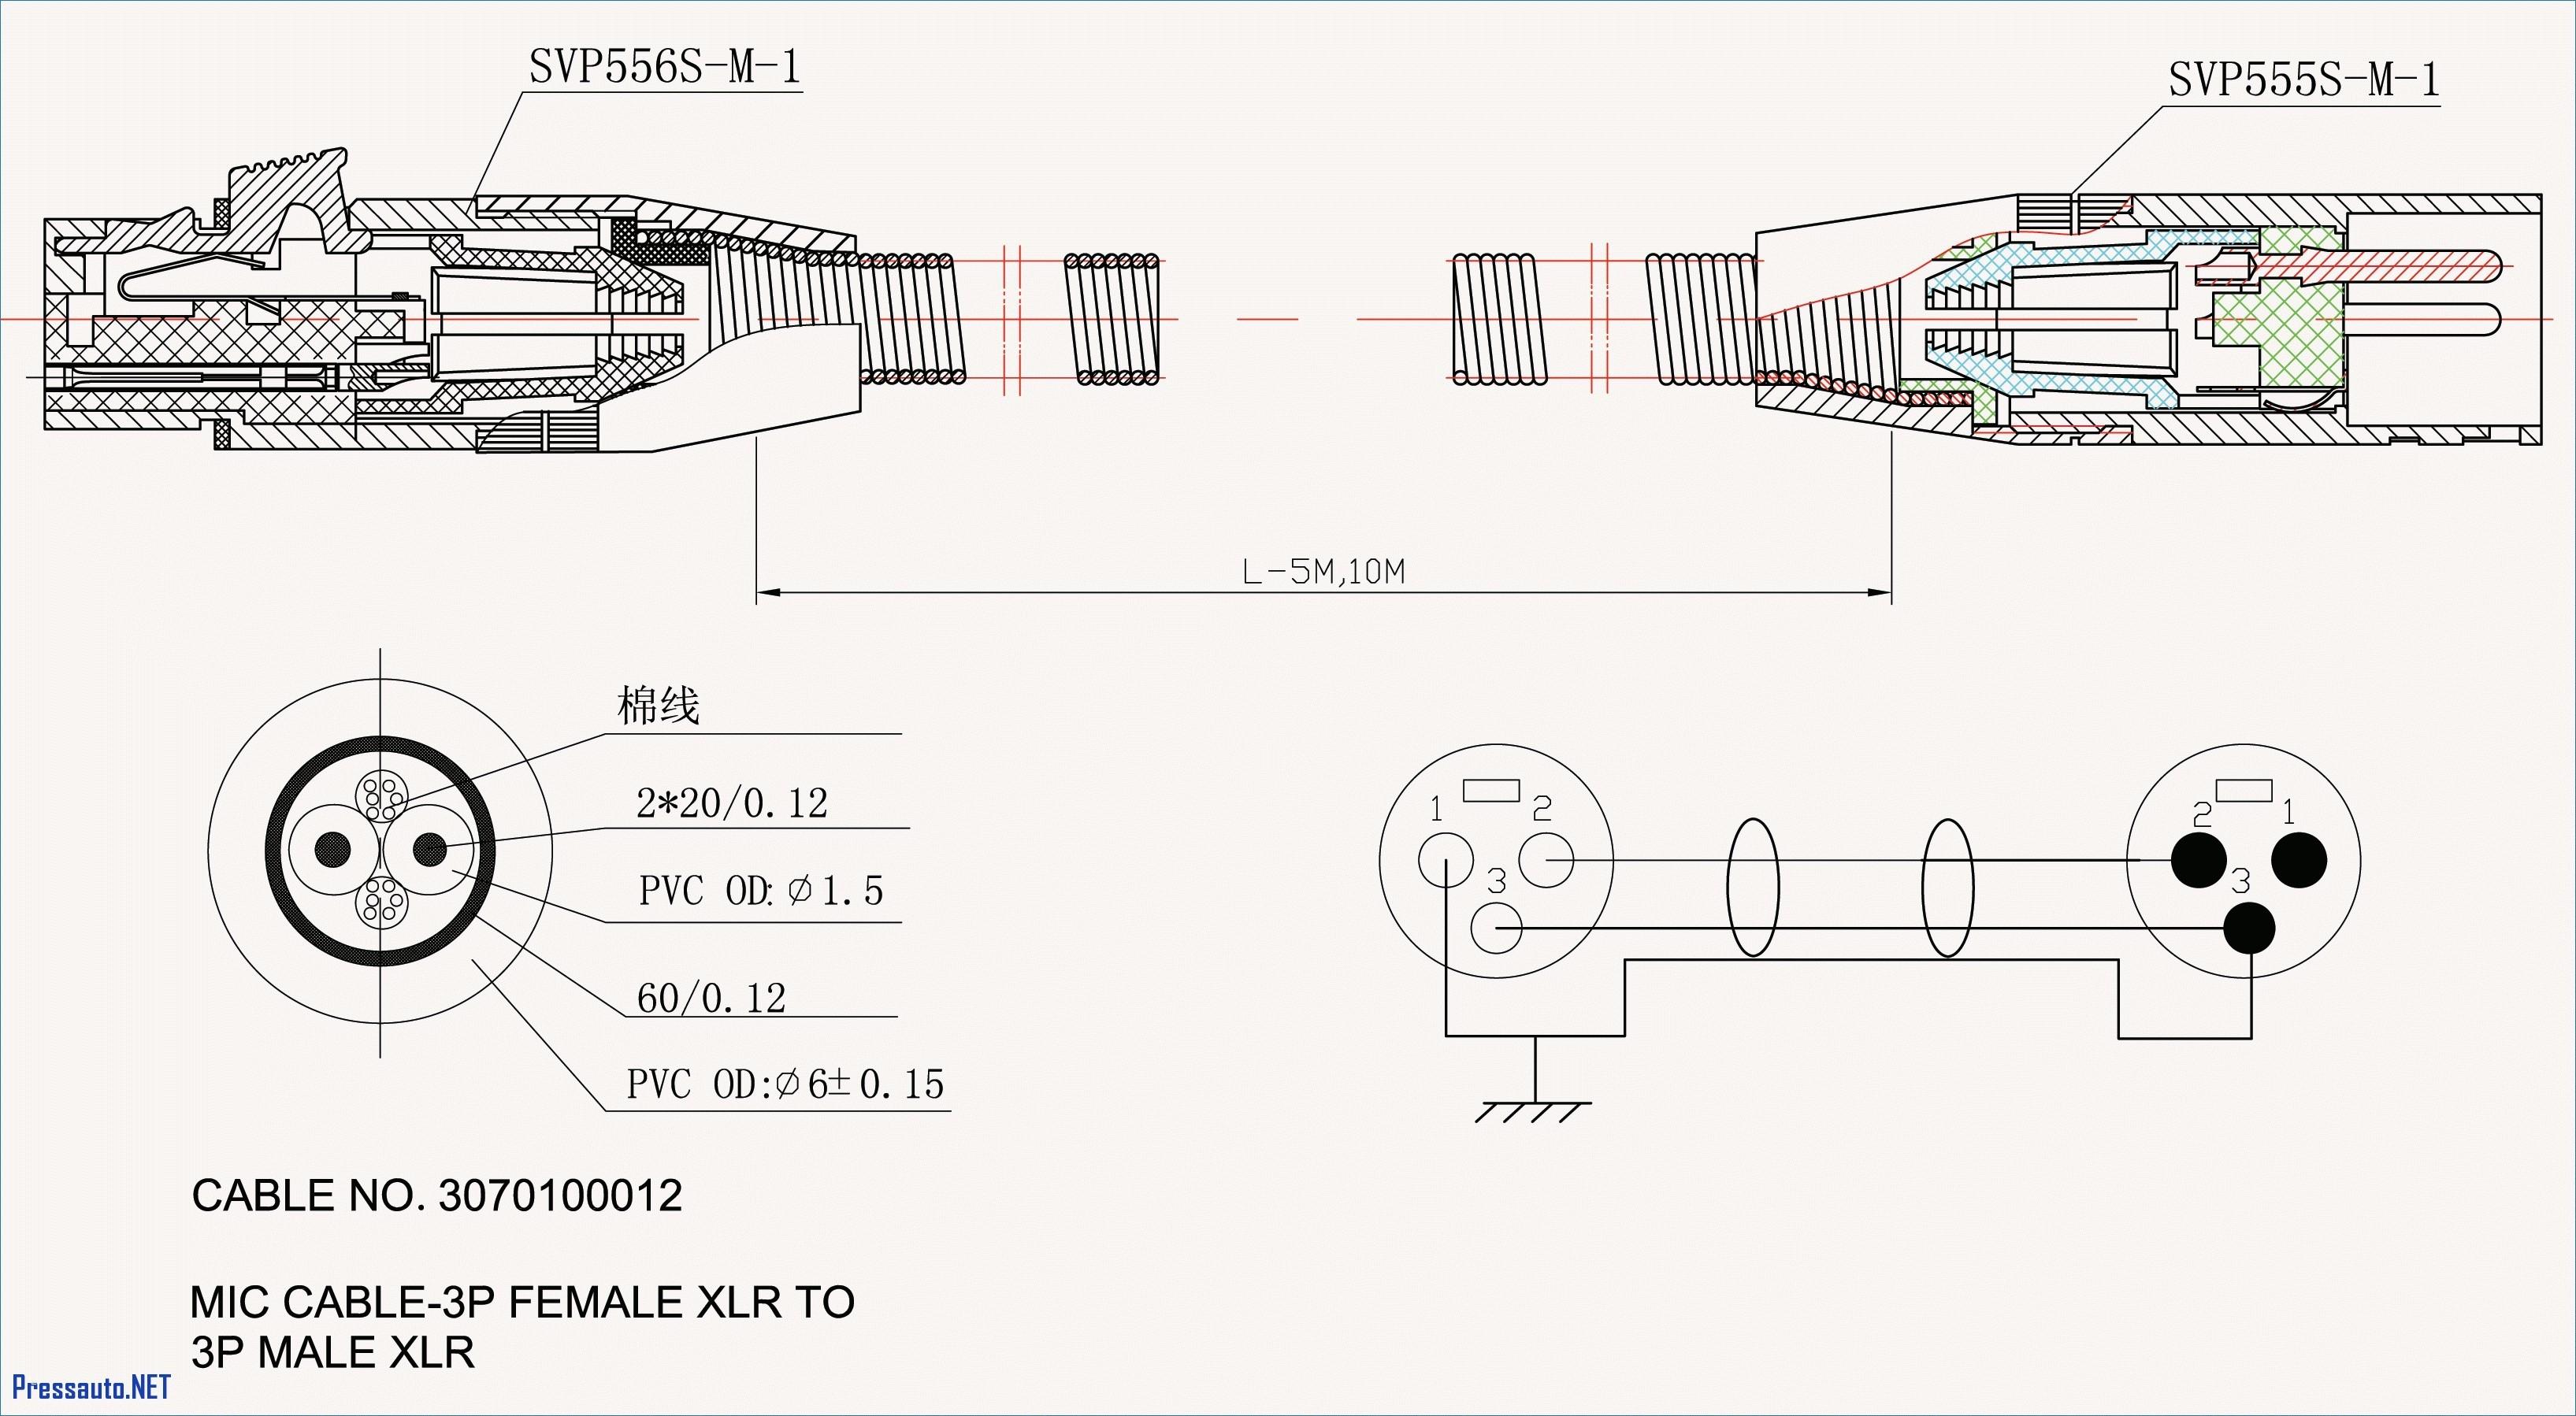 Headphone Jack Wiring Diagram Unique Headphone Jack Wiring Diagram Fresh 3 Wire Microphone Wiring Diagram